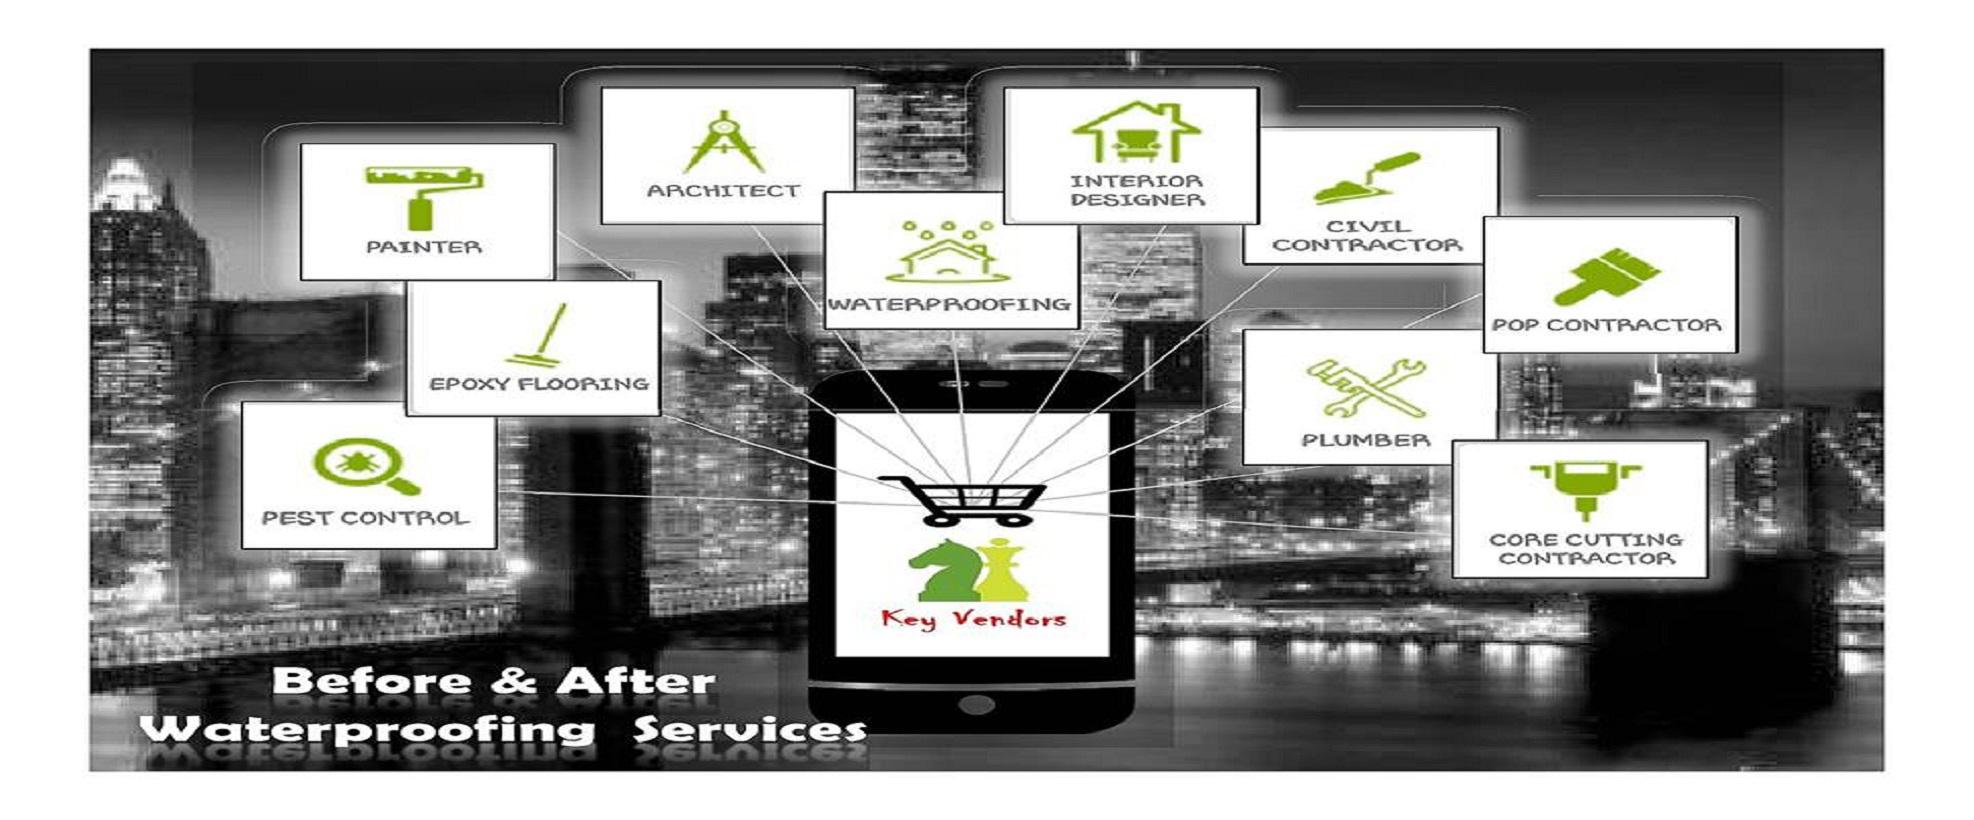 Key Vendors